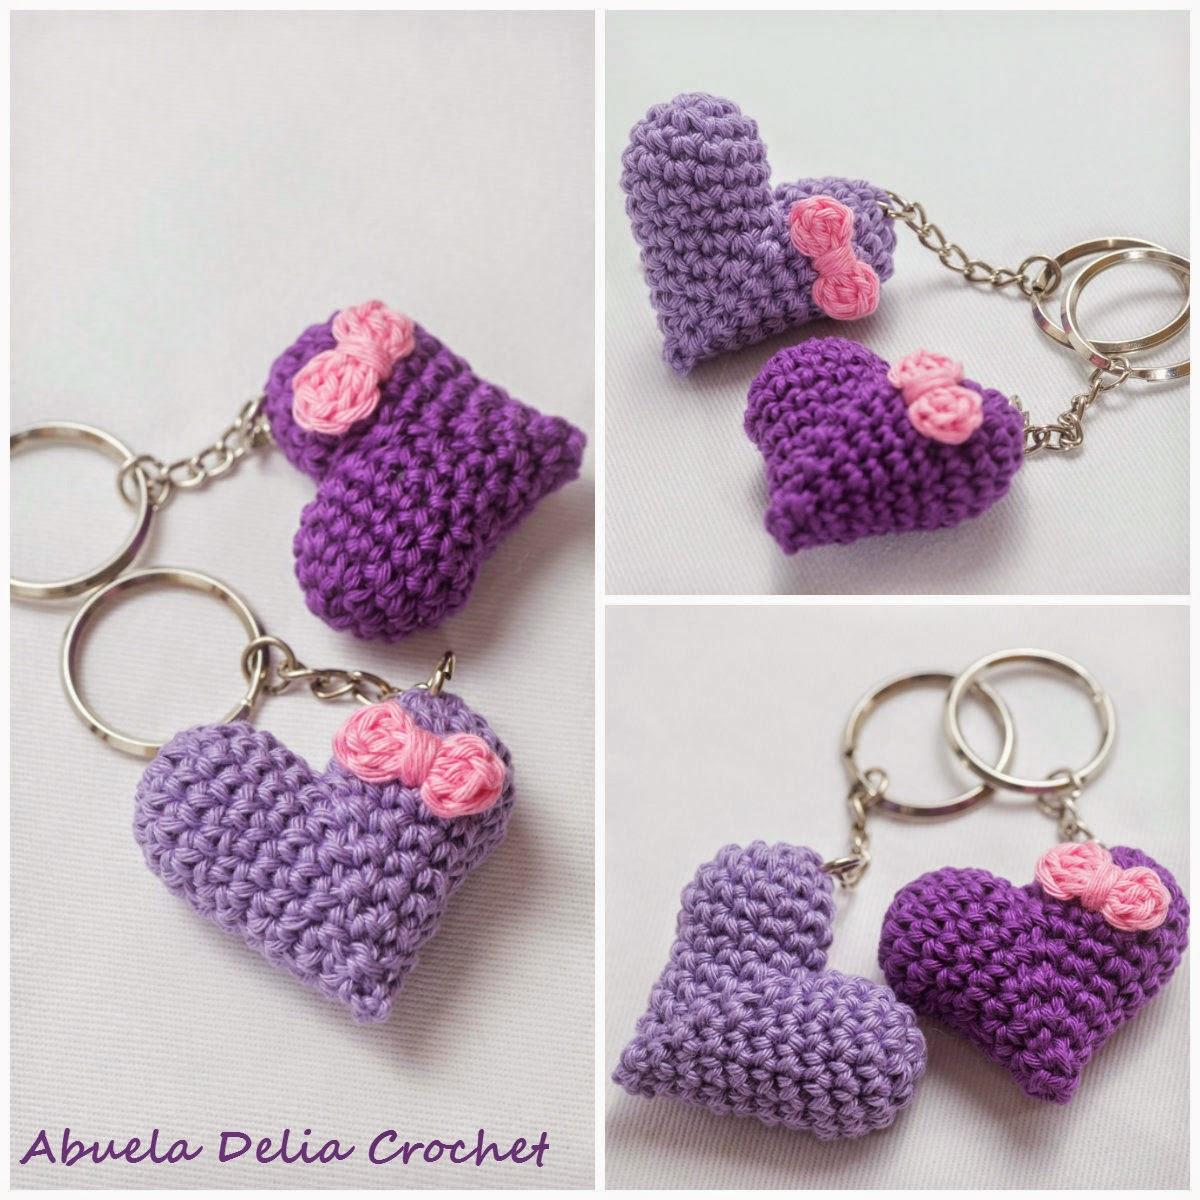 Abuela Delia Crochet  Trabajos artesanales tejidos a mano. Muchas gracias  por visitar mi blog! Los artículos aquí publicados están a la venta sólo en  ... d25c8ca63bf